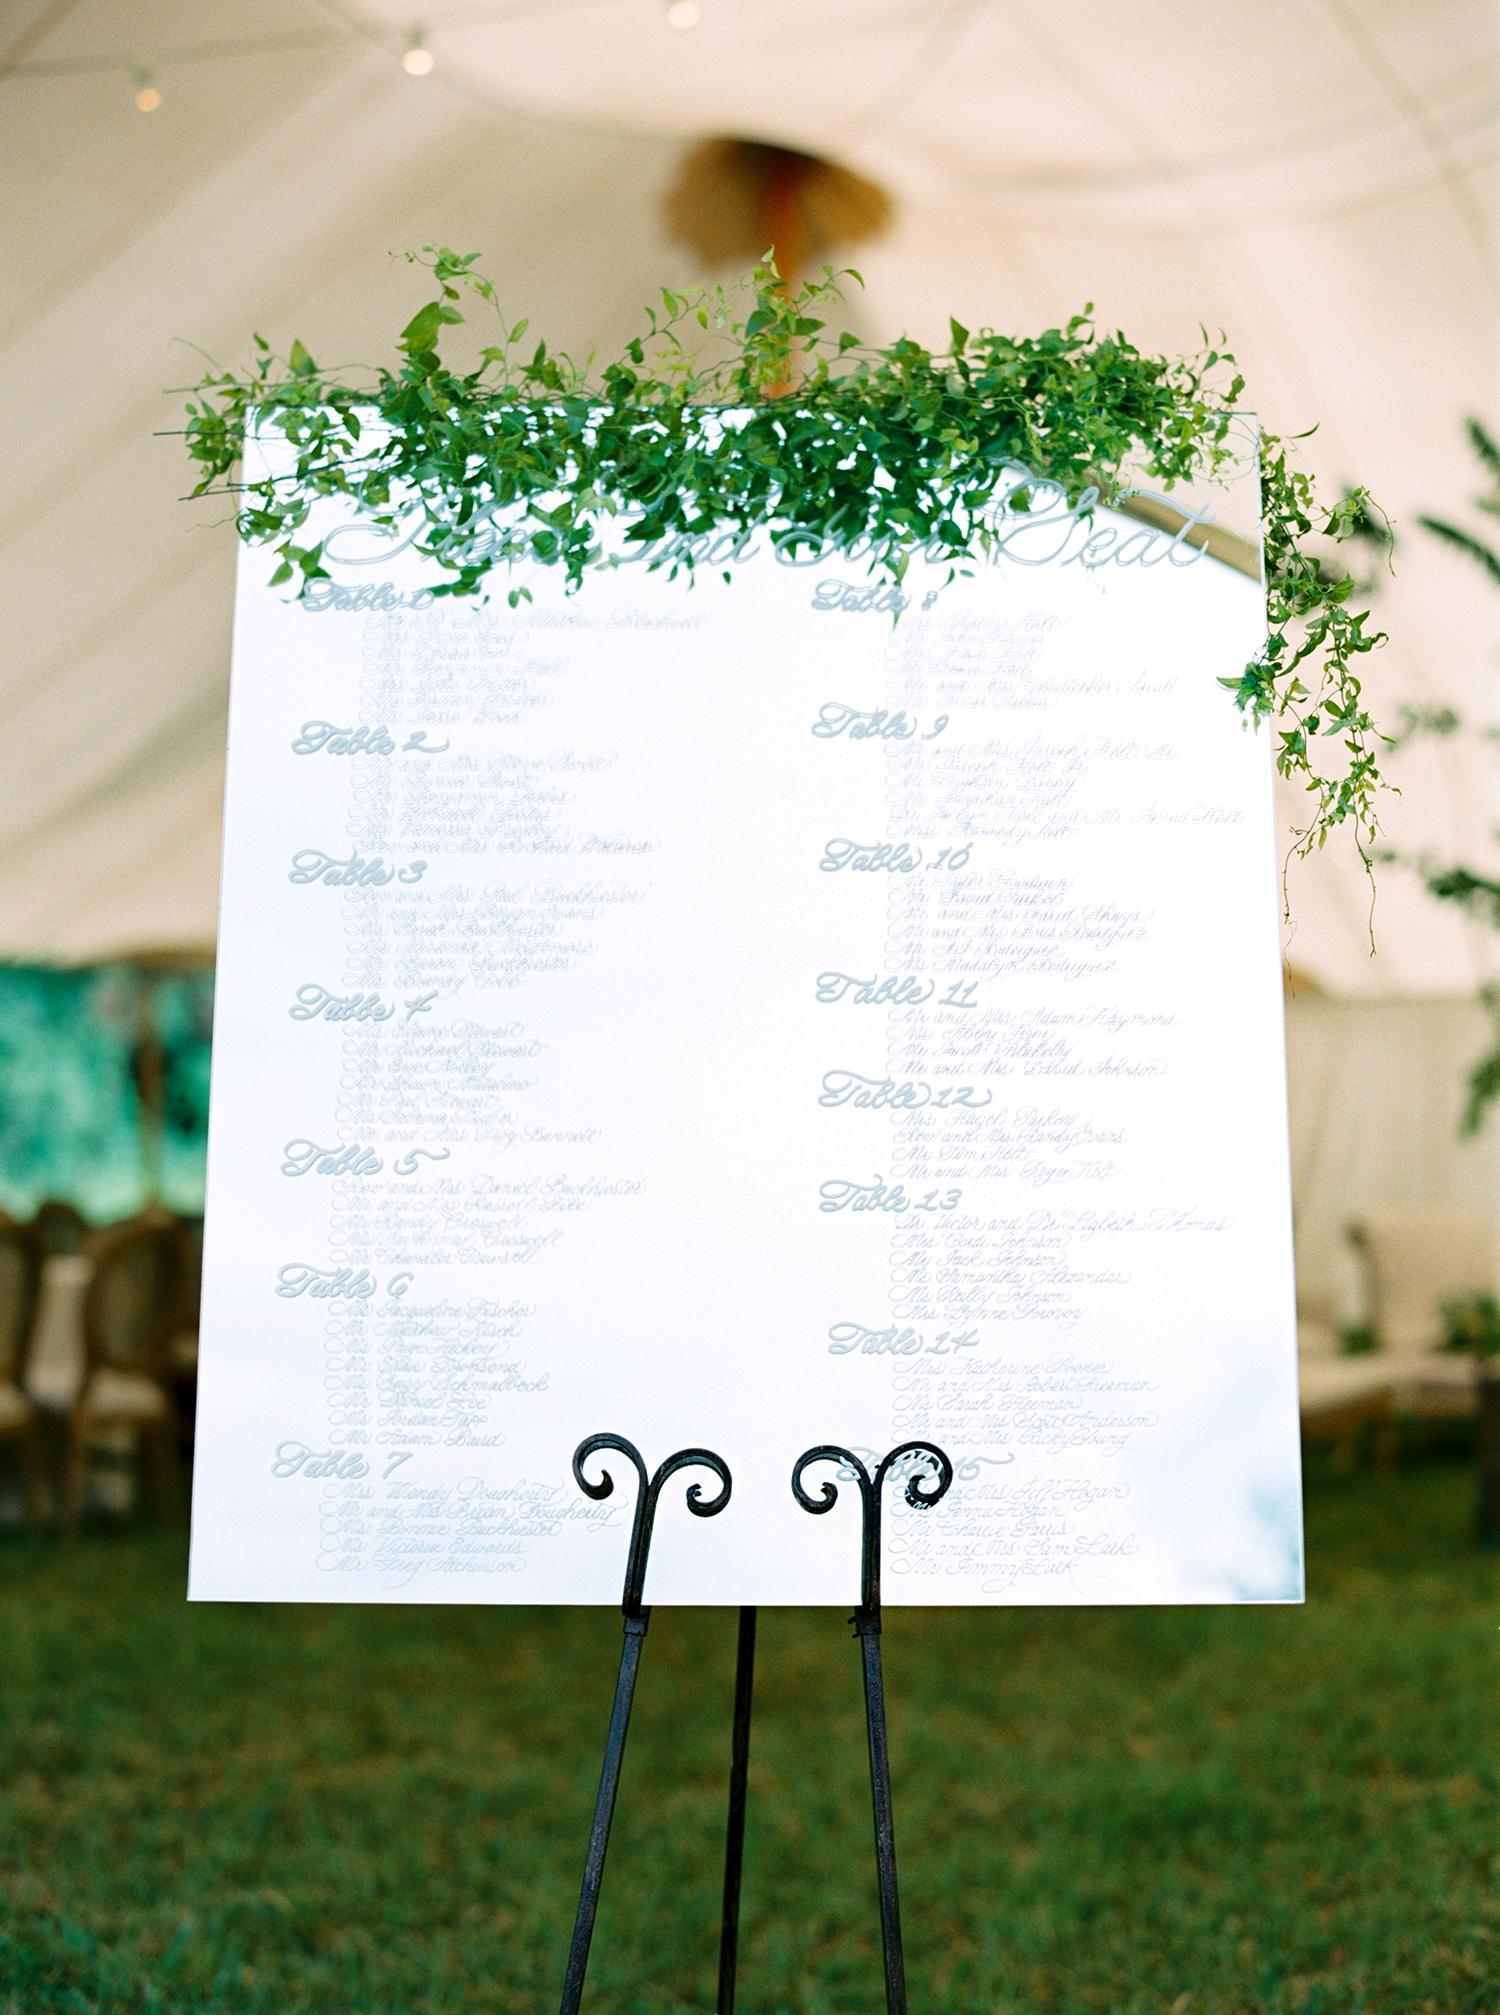 dani jackson wedding seating chart